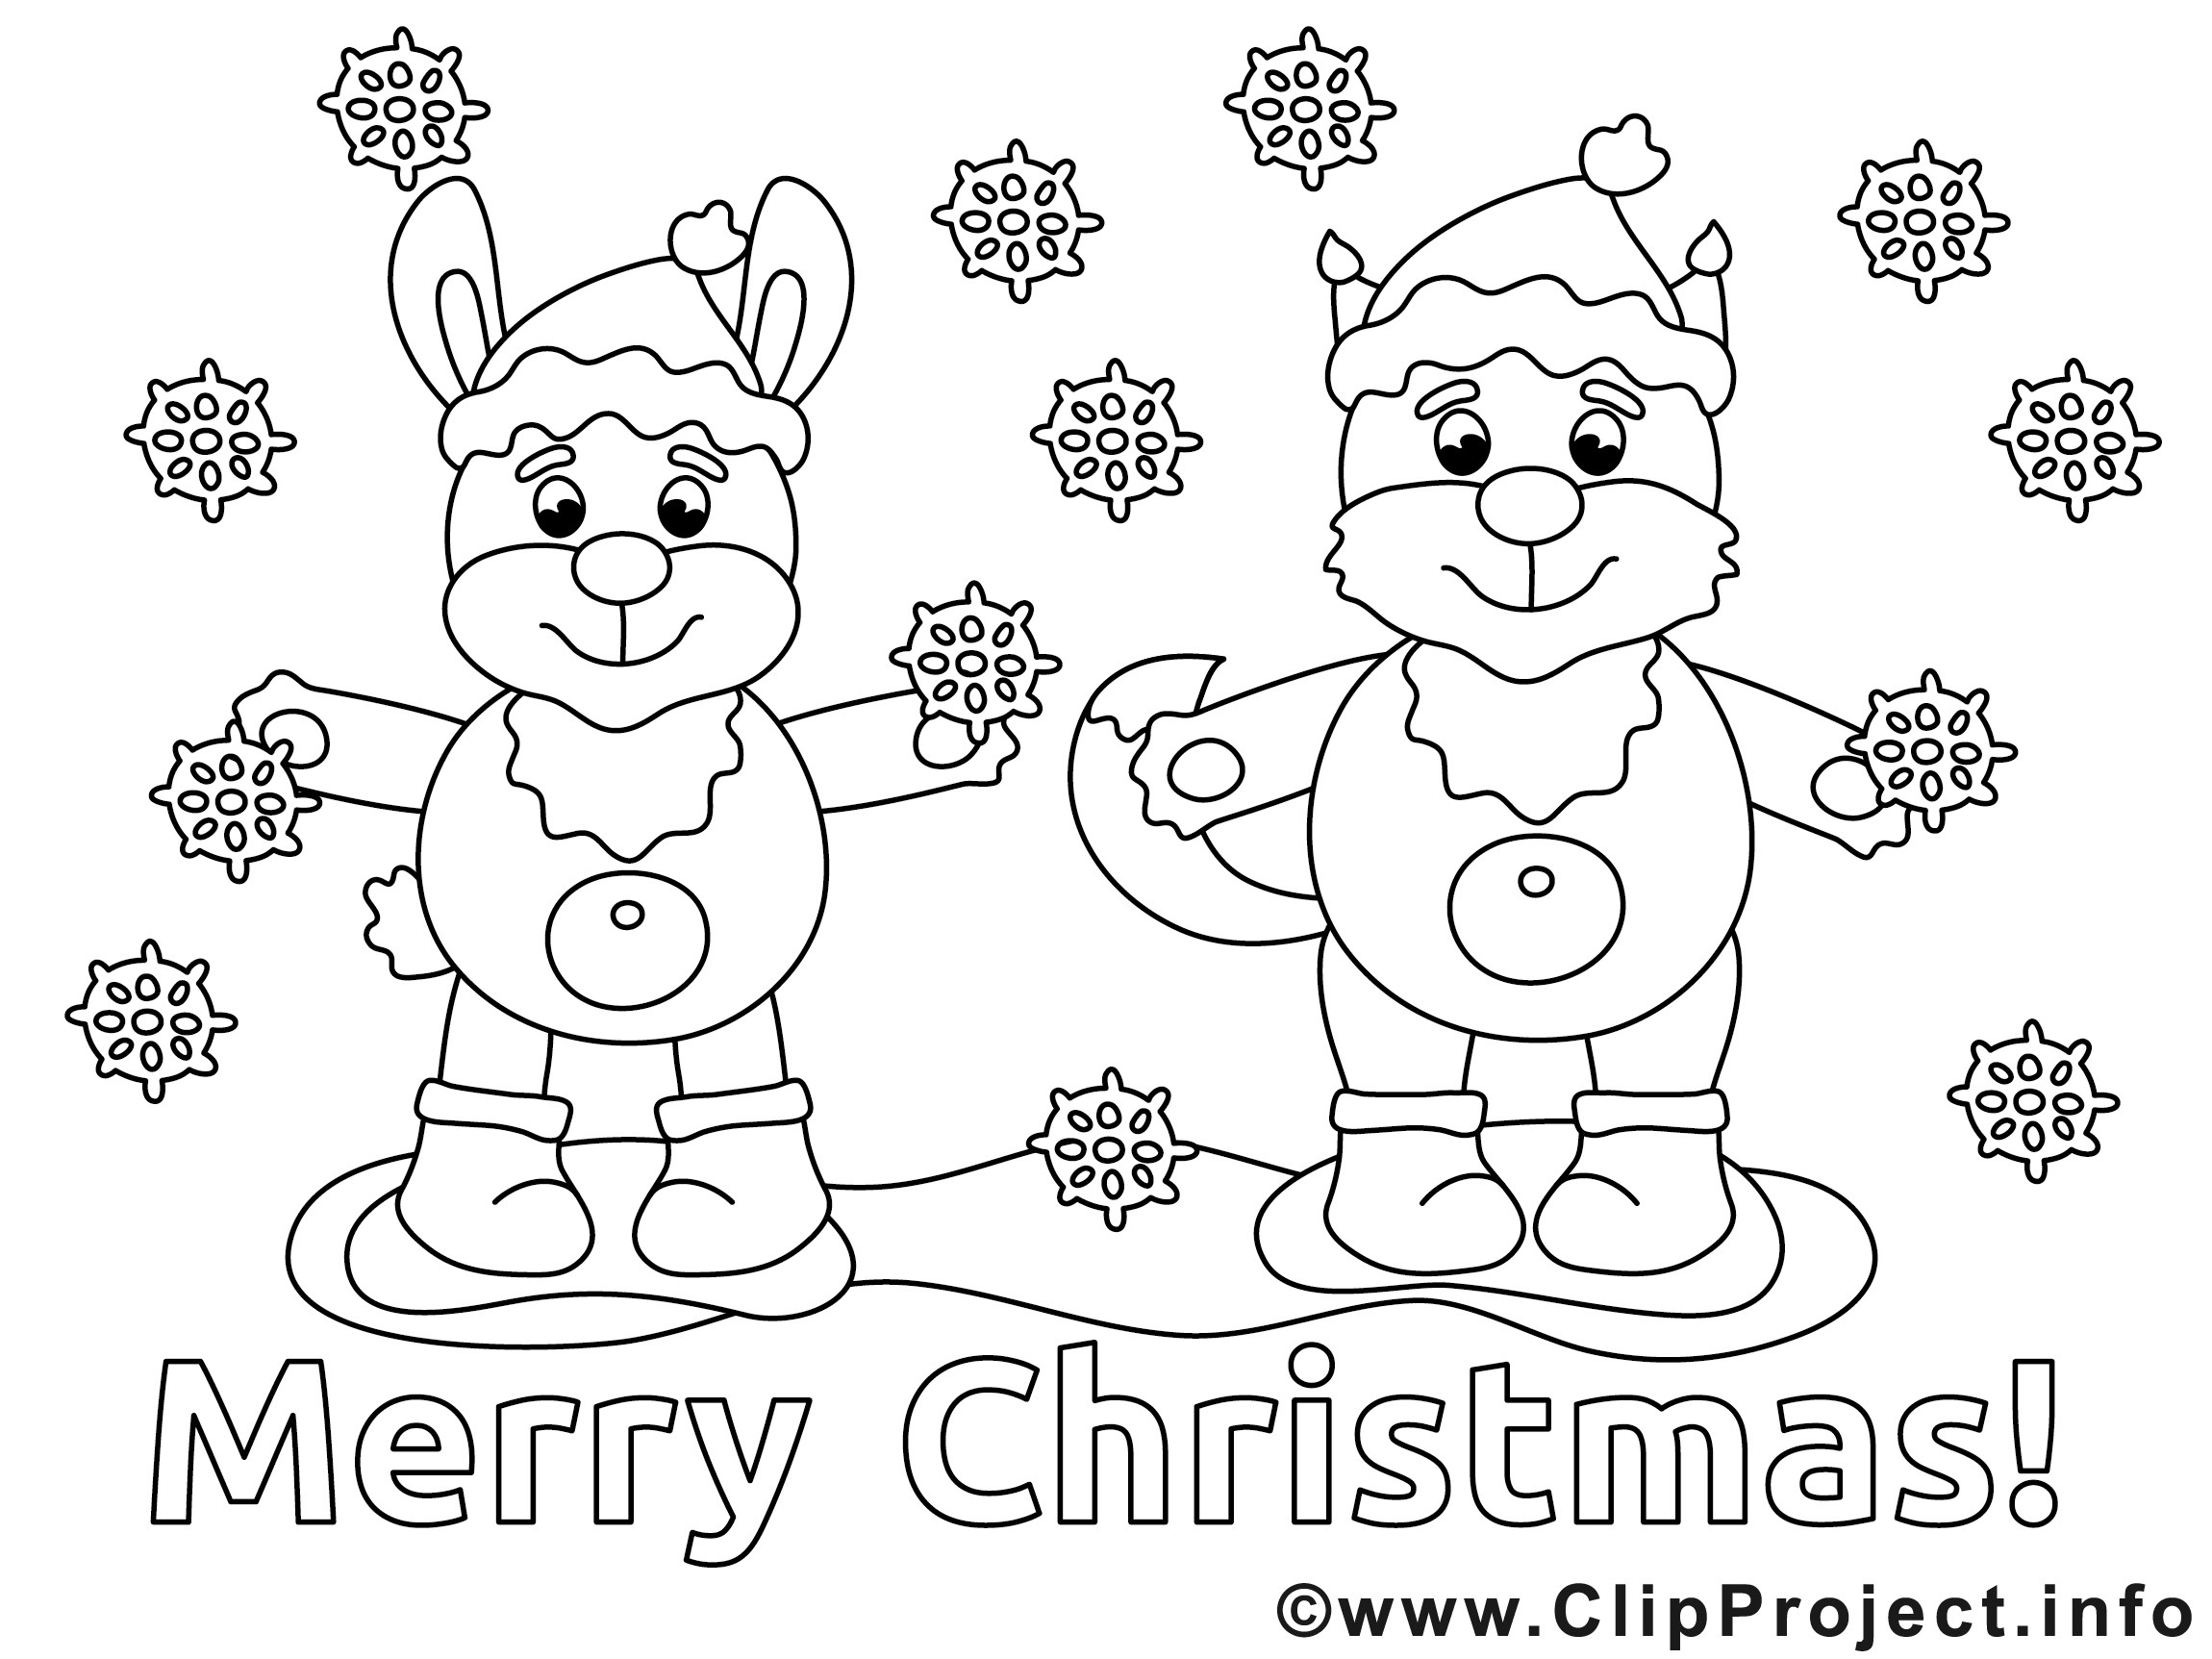 Ausmalbilder Weihnachten Disney Kostenlos Genial Malvorlagen Gratis Zum Ausdrucken Stock